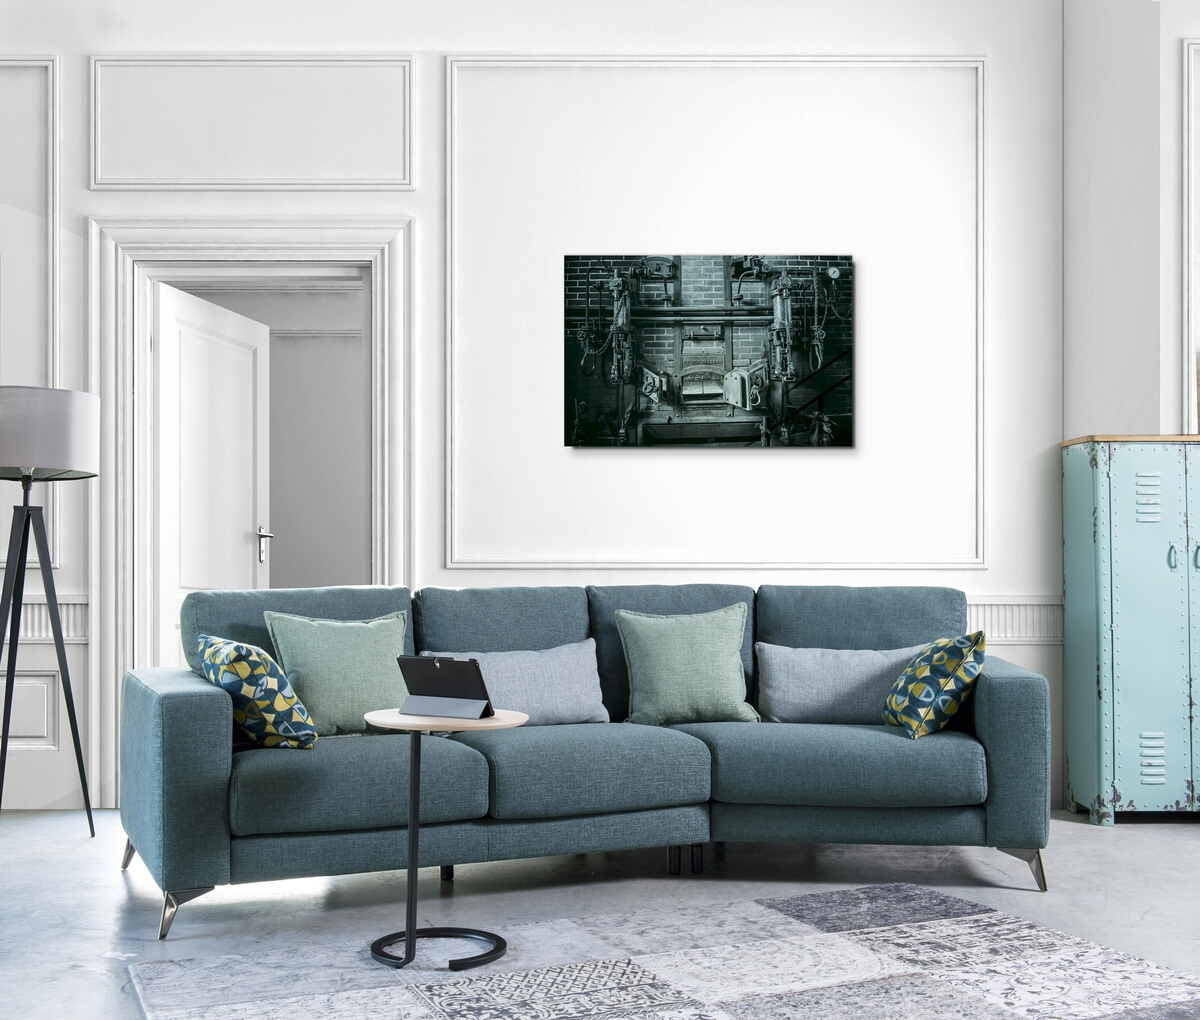 Soldes d'hiver : osez le mobilier dont vous rêvez !